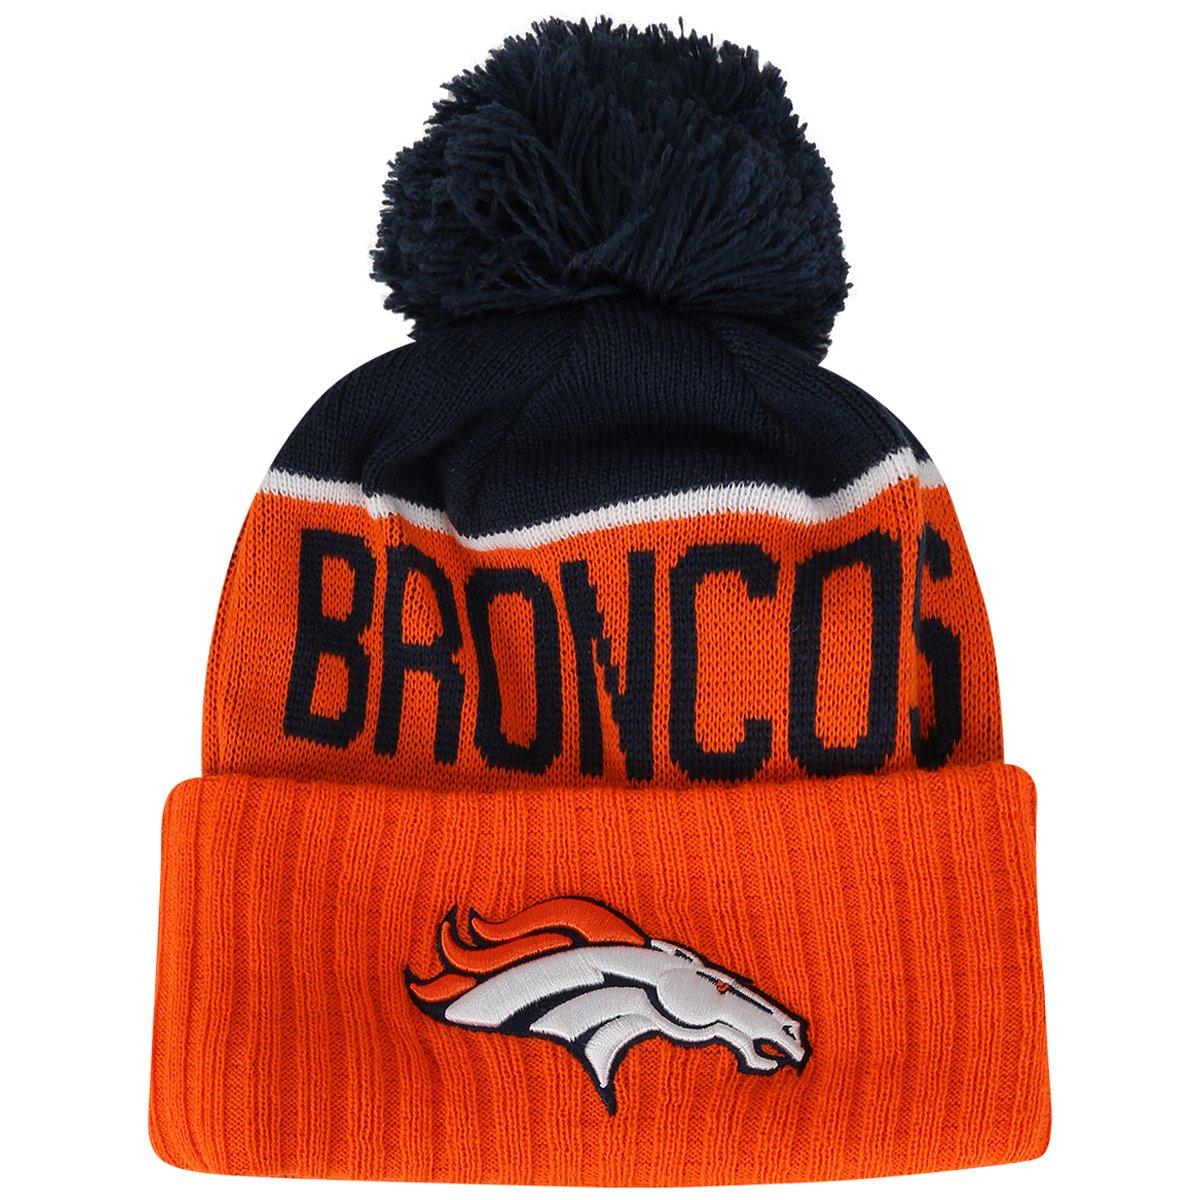 Gorro New Era NFL Denver Broncos - Compre Agora  659ef3263fa10